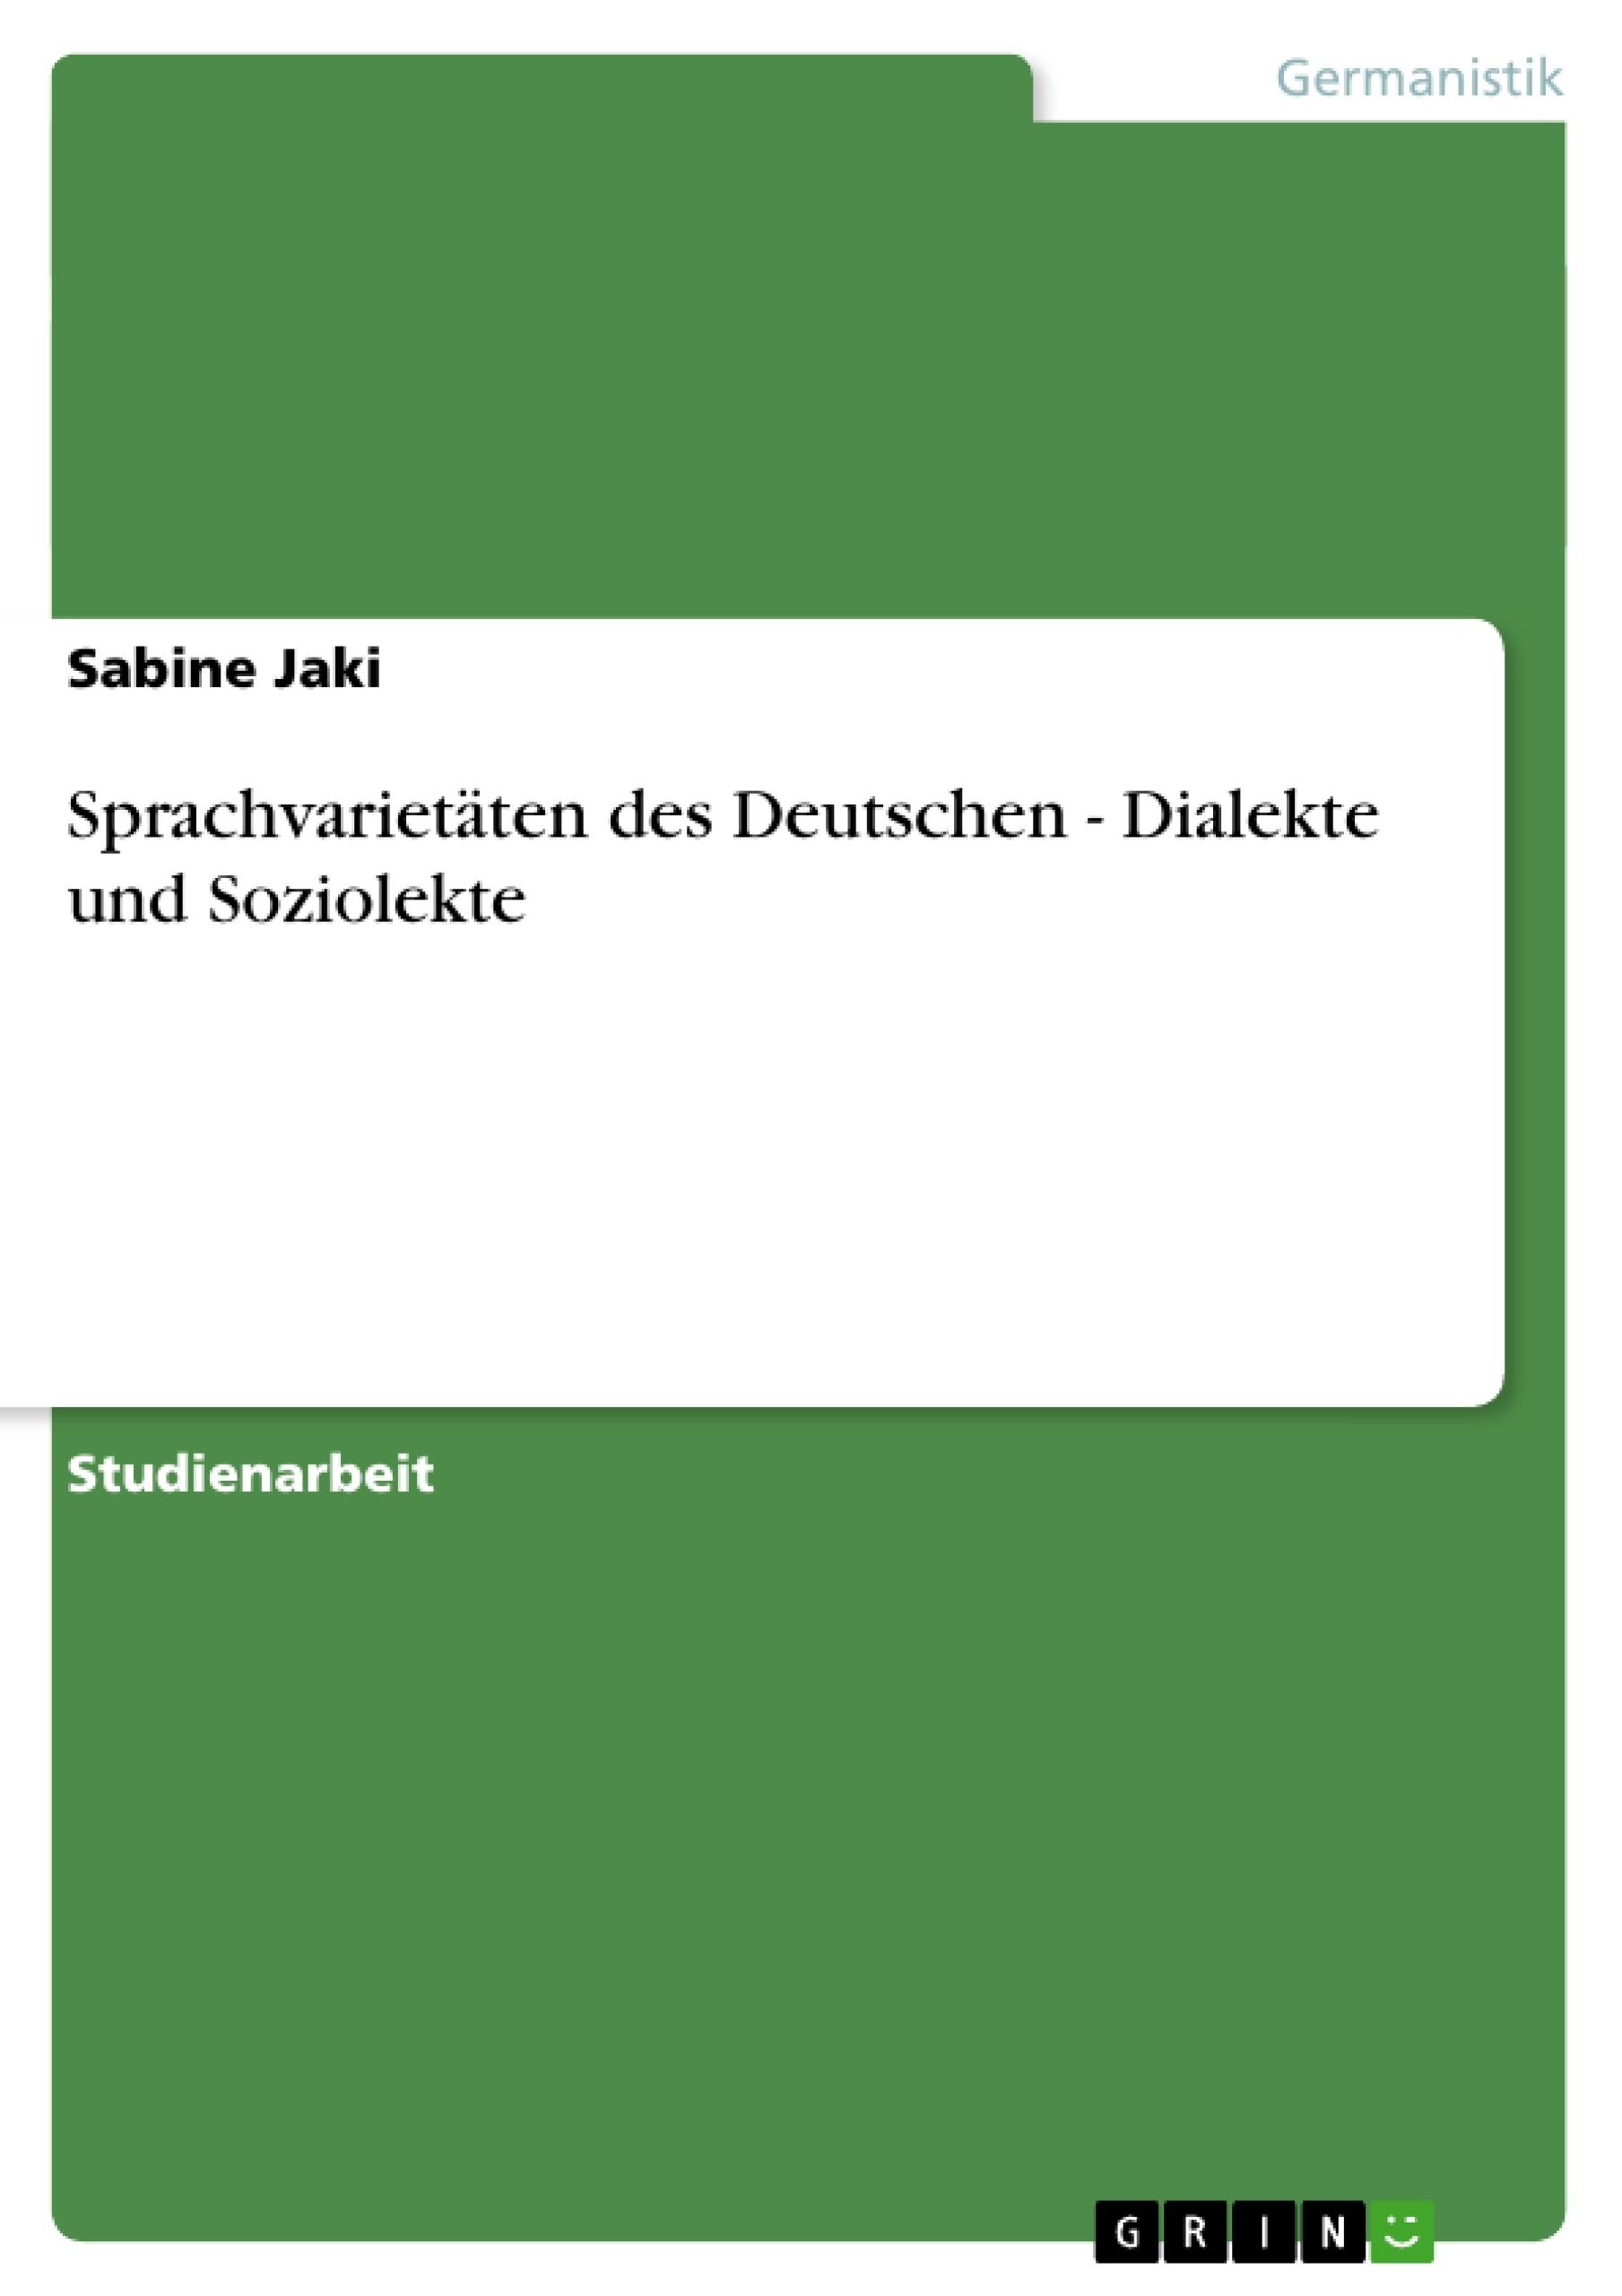 Titel: Sprachvarietäten des Deutschen - Dialekte und Soziolekte